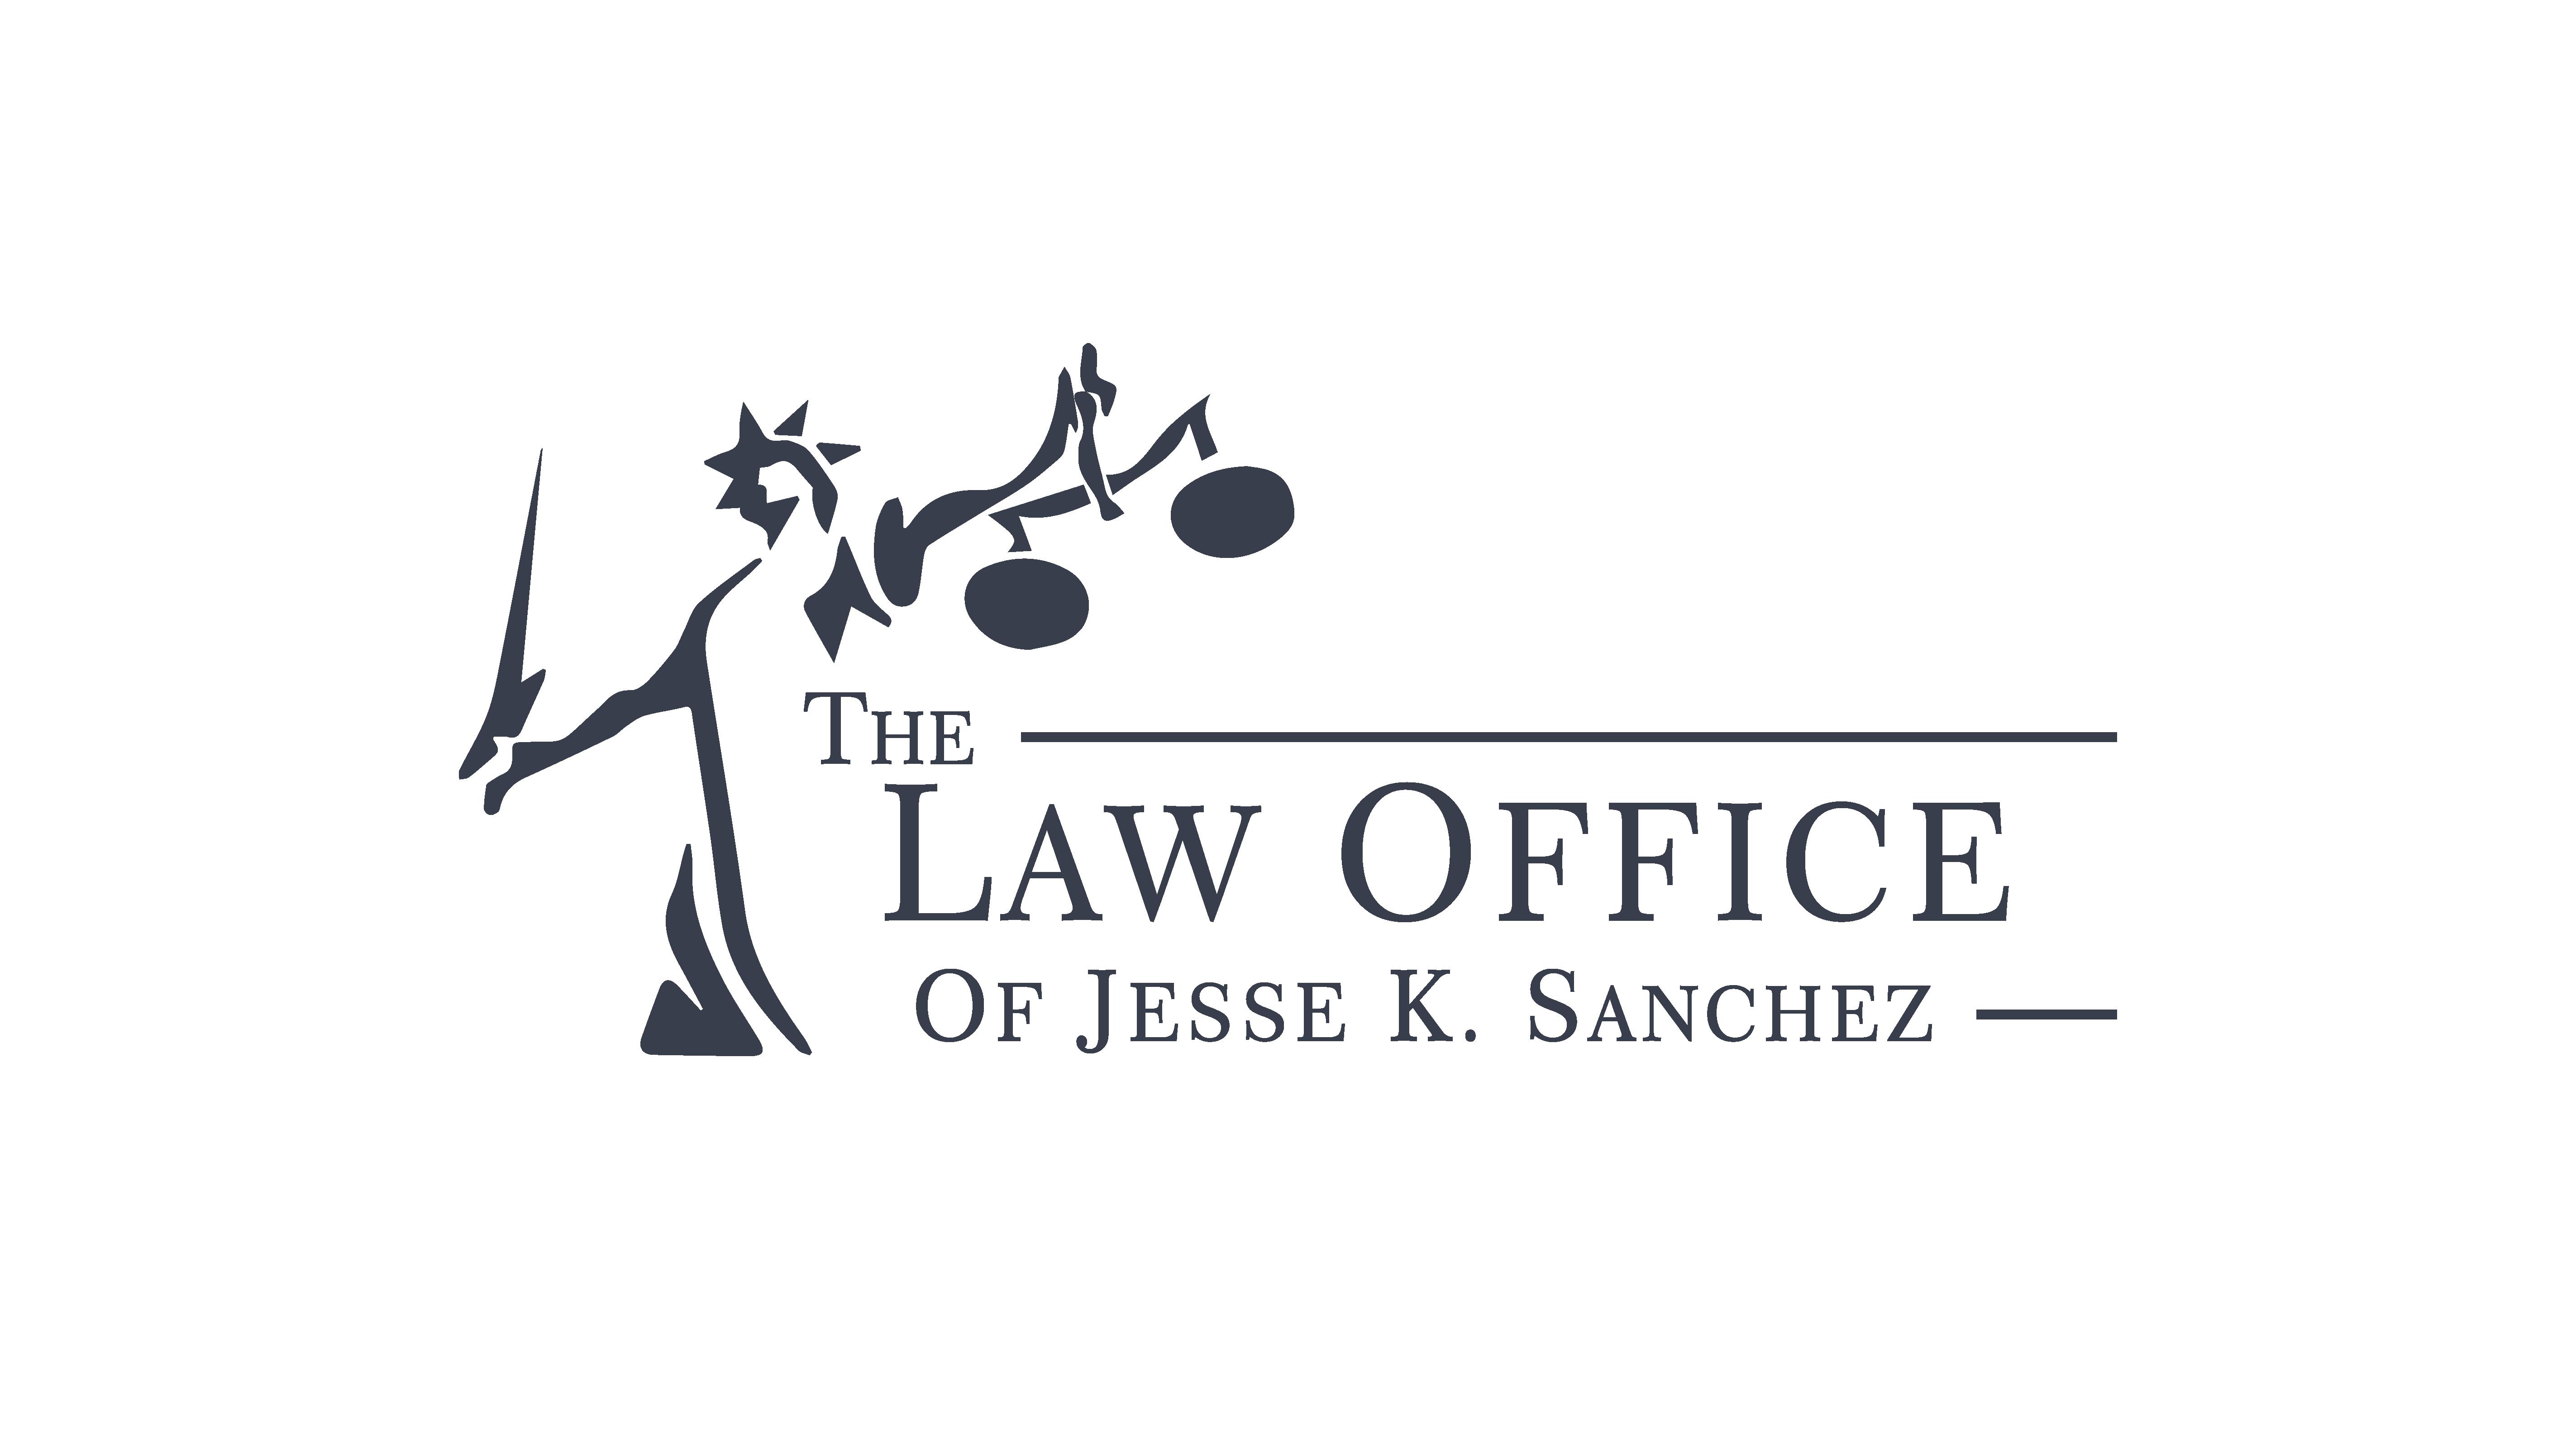 The Law Office of Jesse K. Sanchez